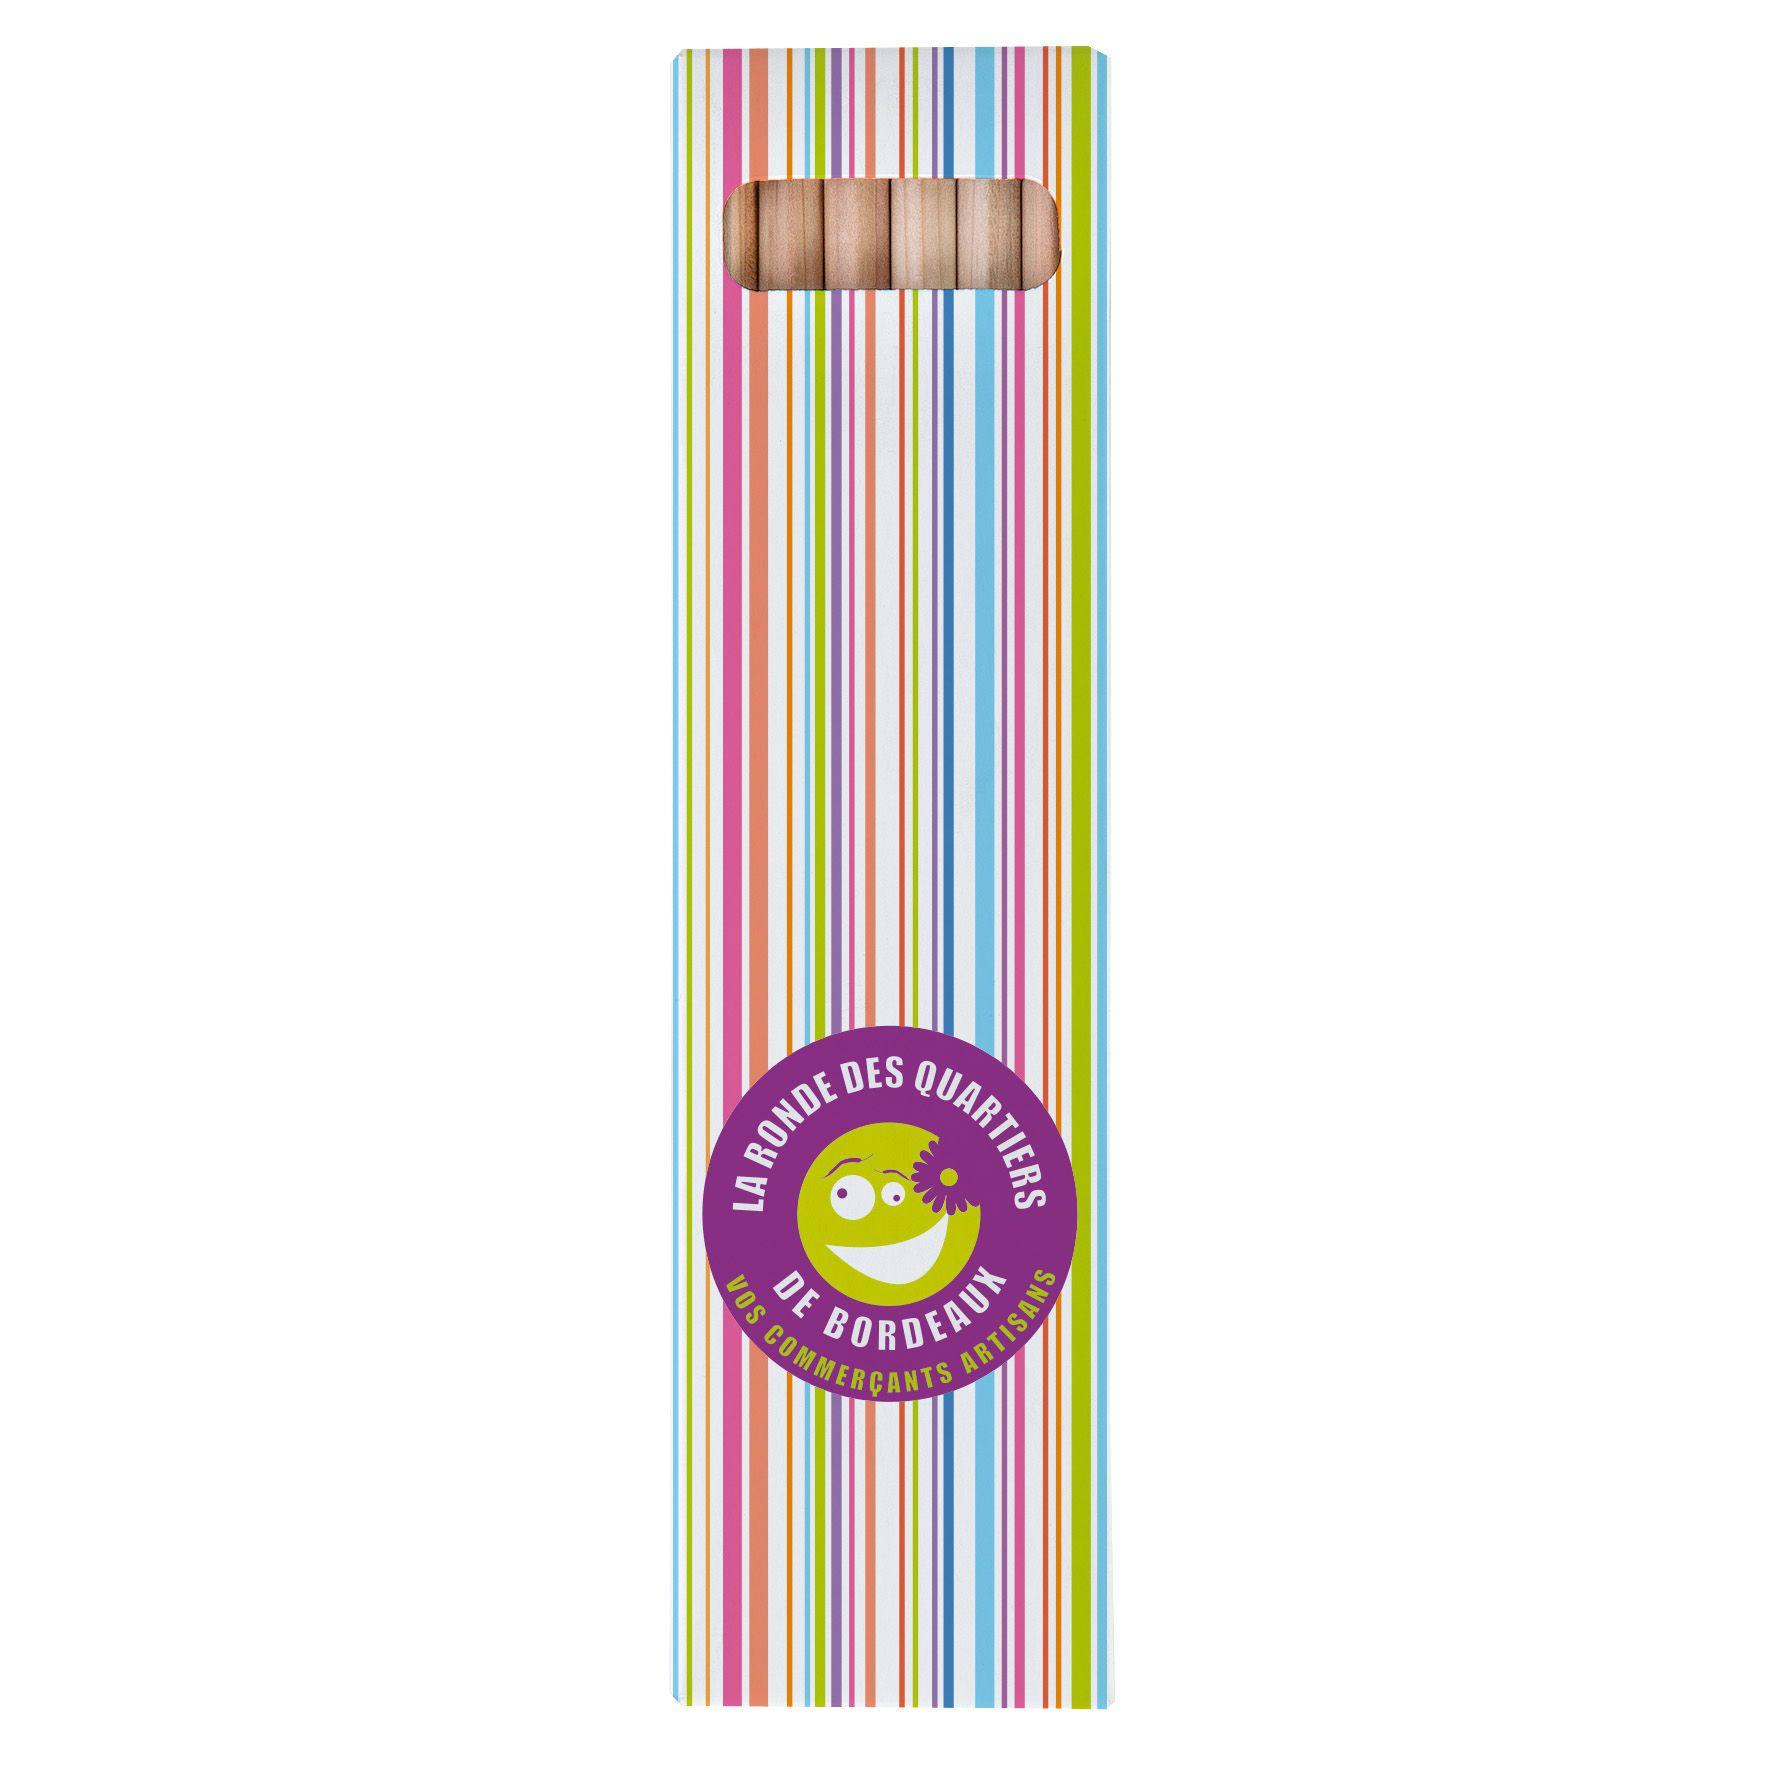 objet publicitaire écologique - étui 6 crayons couleur personalisable Eco